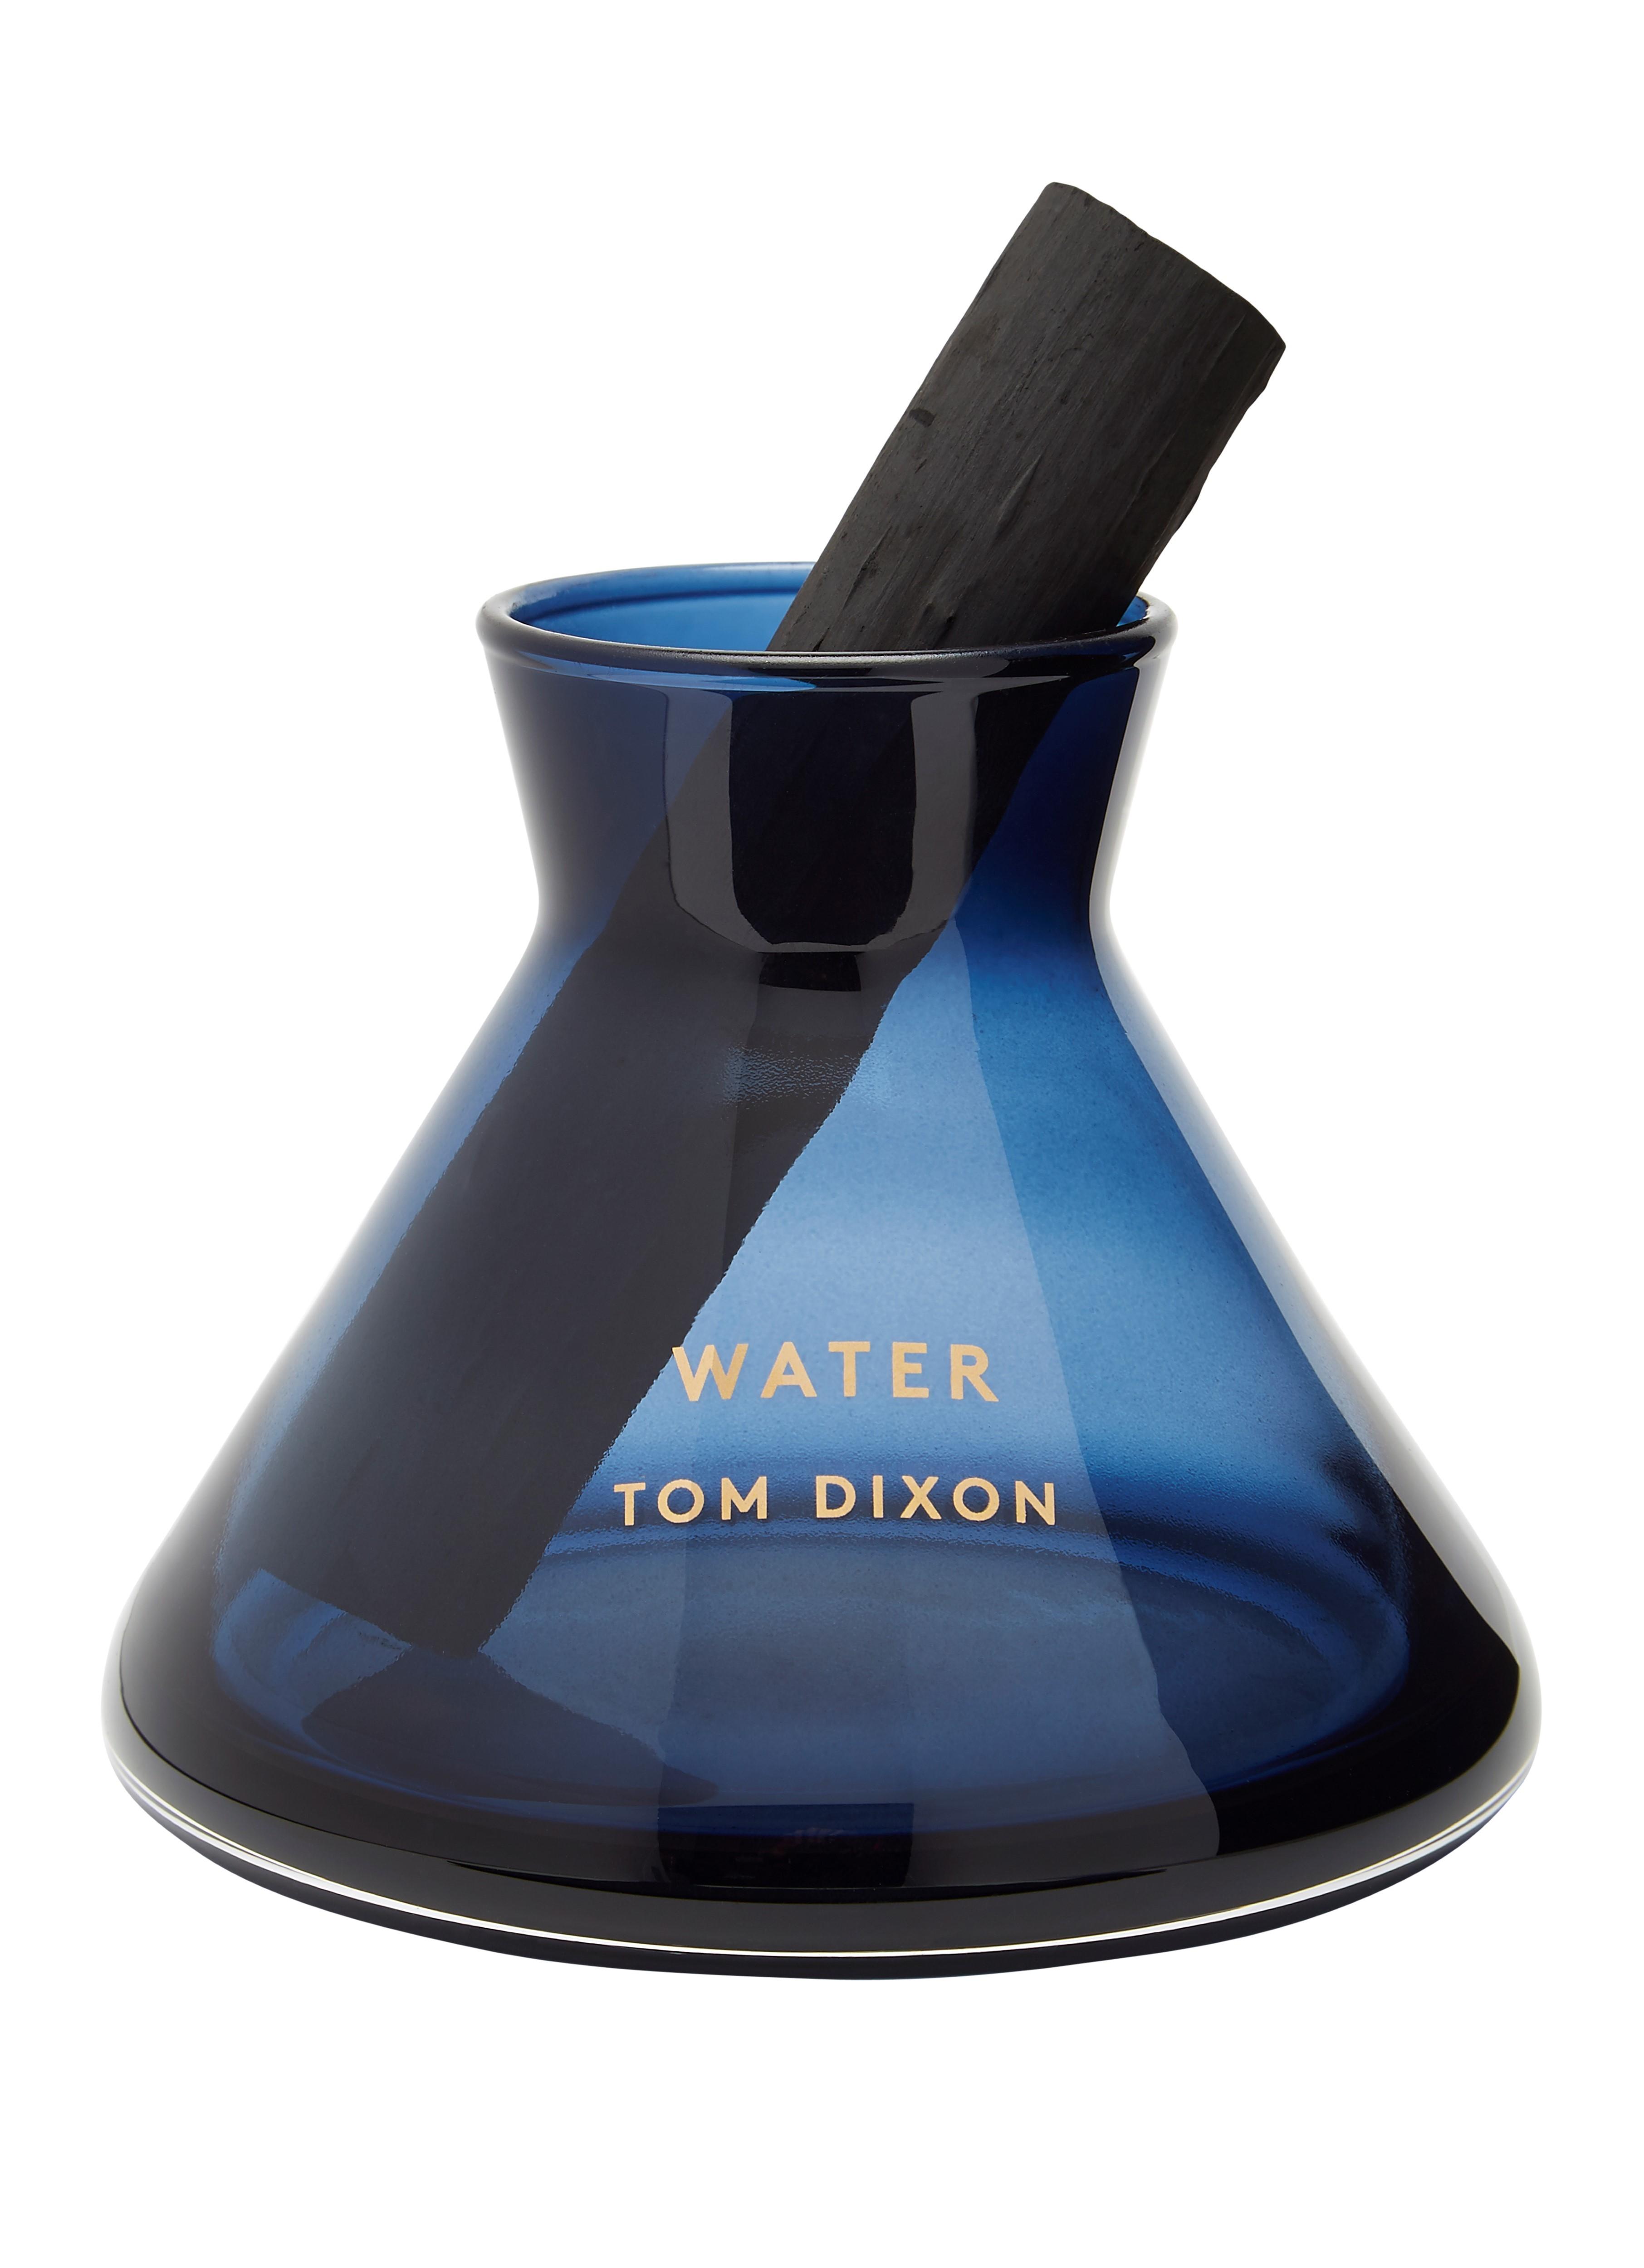 diffuseur elements water de tom dixon. Black Bedroom Furniture Sets. Home Design Ideas